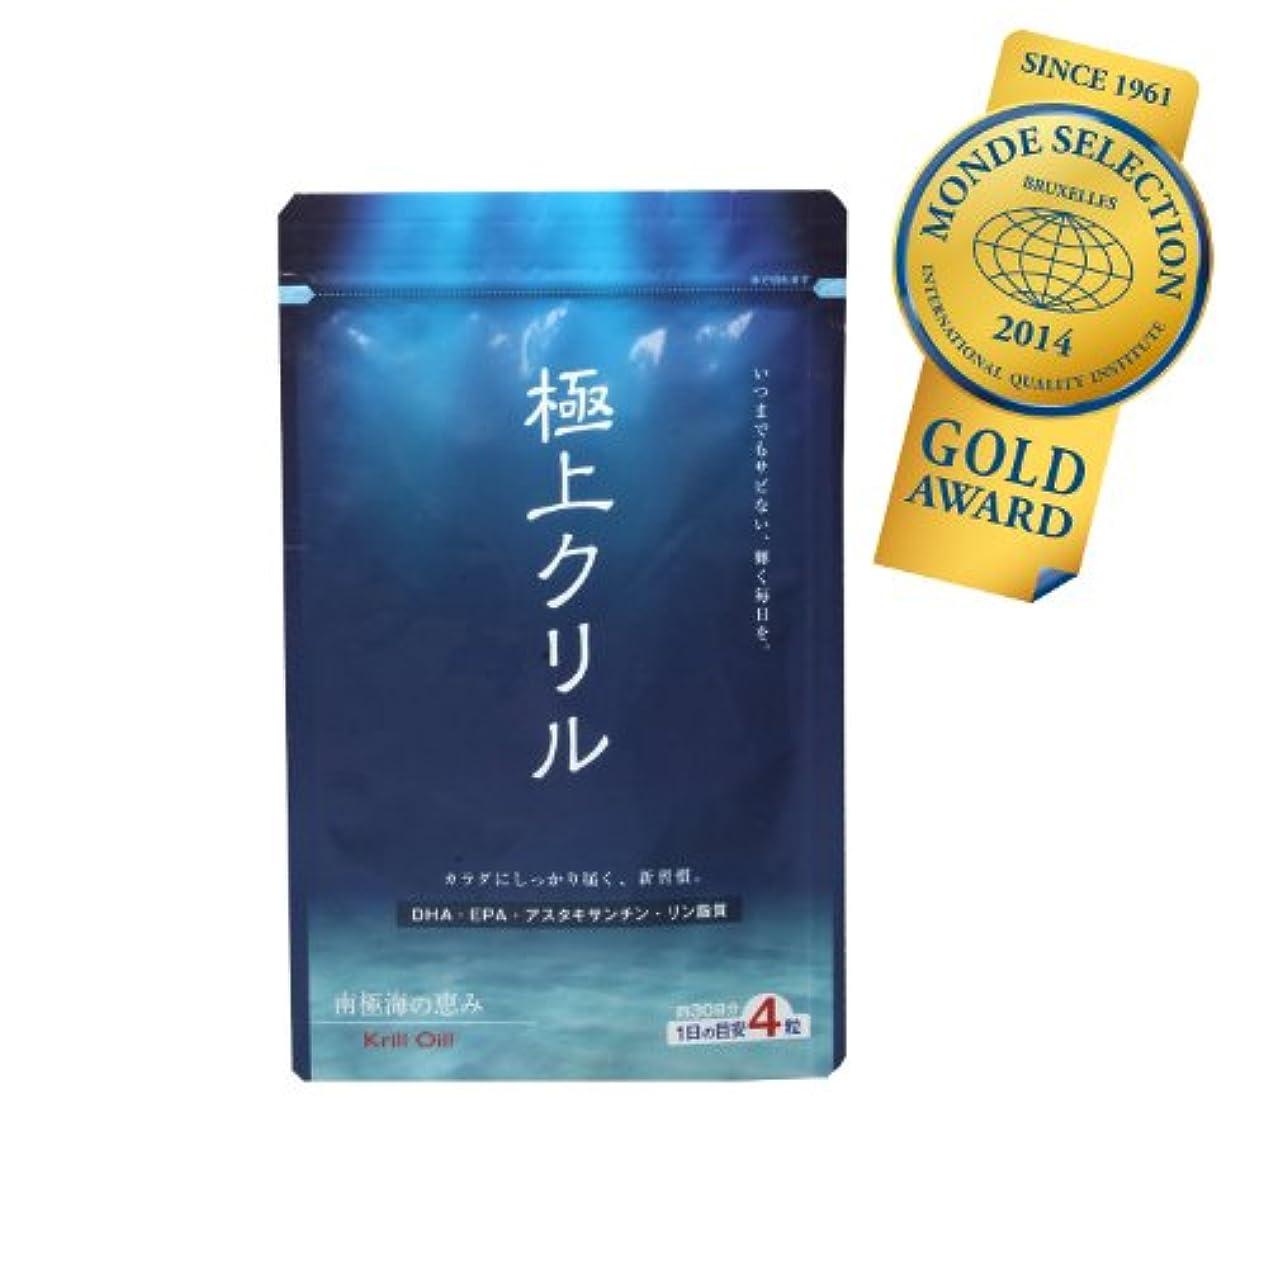 編集者おもしろいブレイズ極上クリル120粒 100%クリルオイル (約1ヶ月分) 日本製×3袋セット